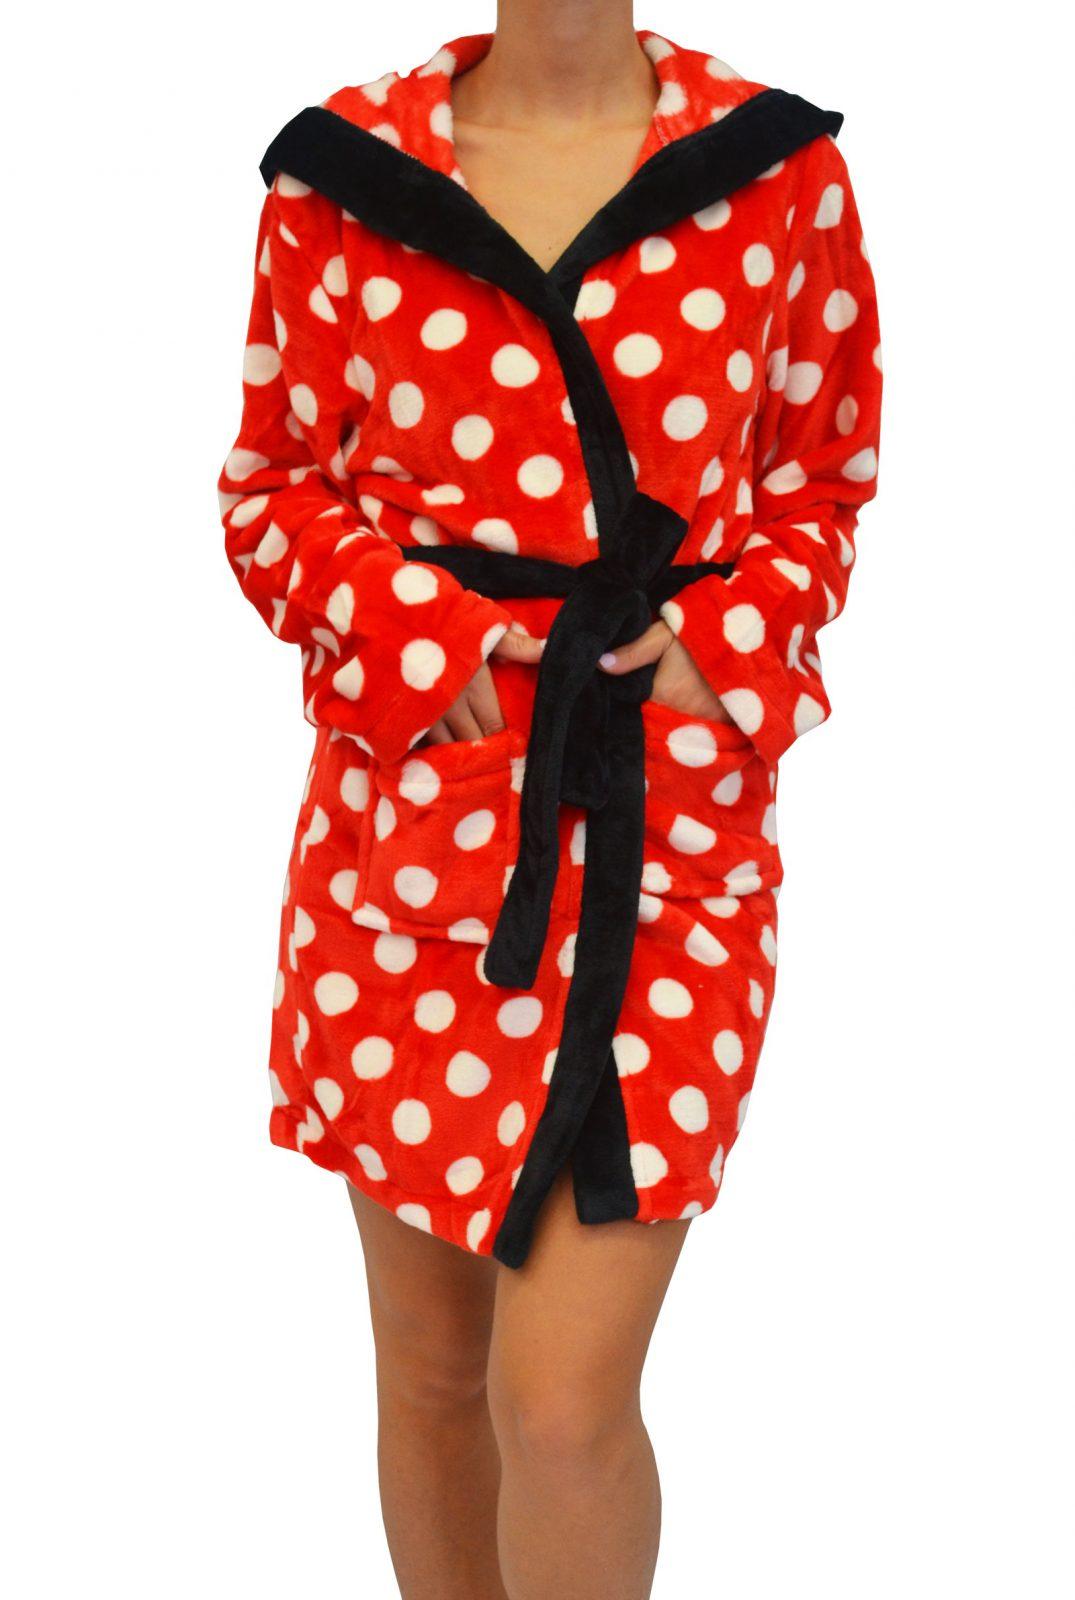 ΓΥΝΑΙΚΕΙΑ ΧΕΙΜΕΡΙΝΗ ΧΝΟΥΔΩΤΗ ΑΠΑΛΗ ΡΟΜΠΑ ΣΤΑΥΡΩΤΗ – Minnie Mouse ΚΟΚΚΙΝΗ